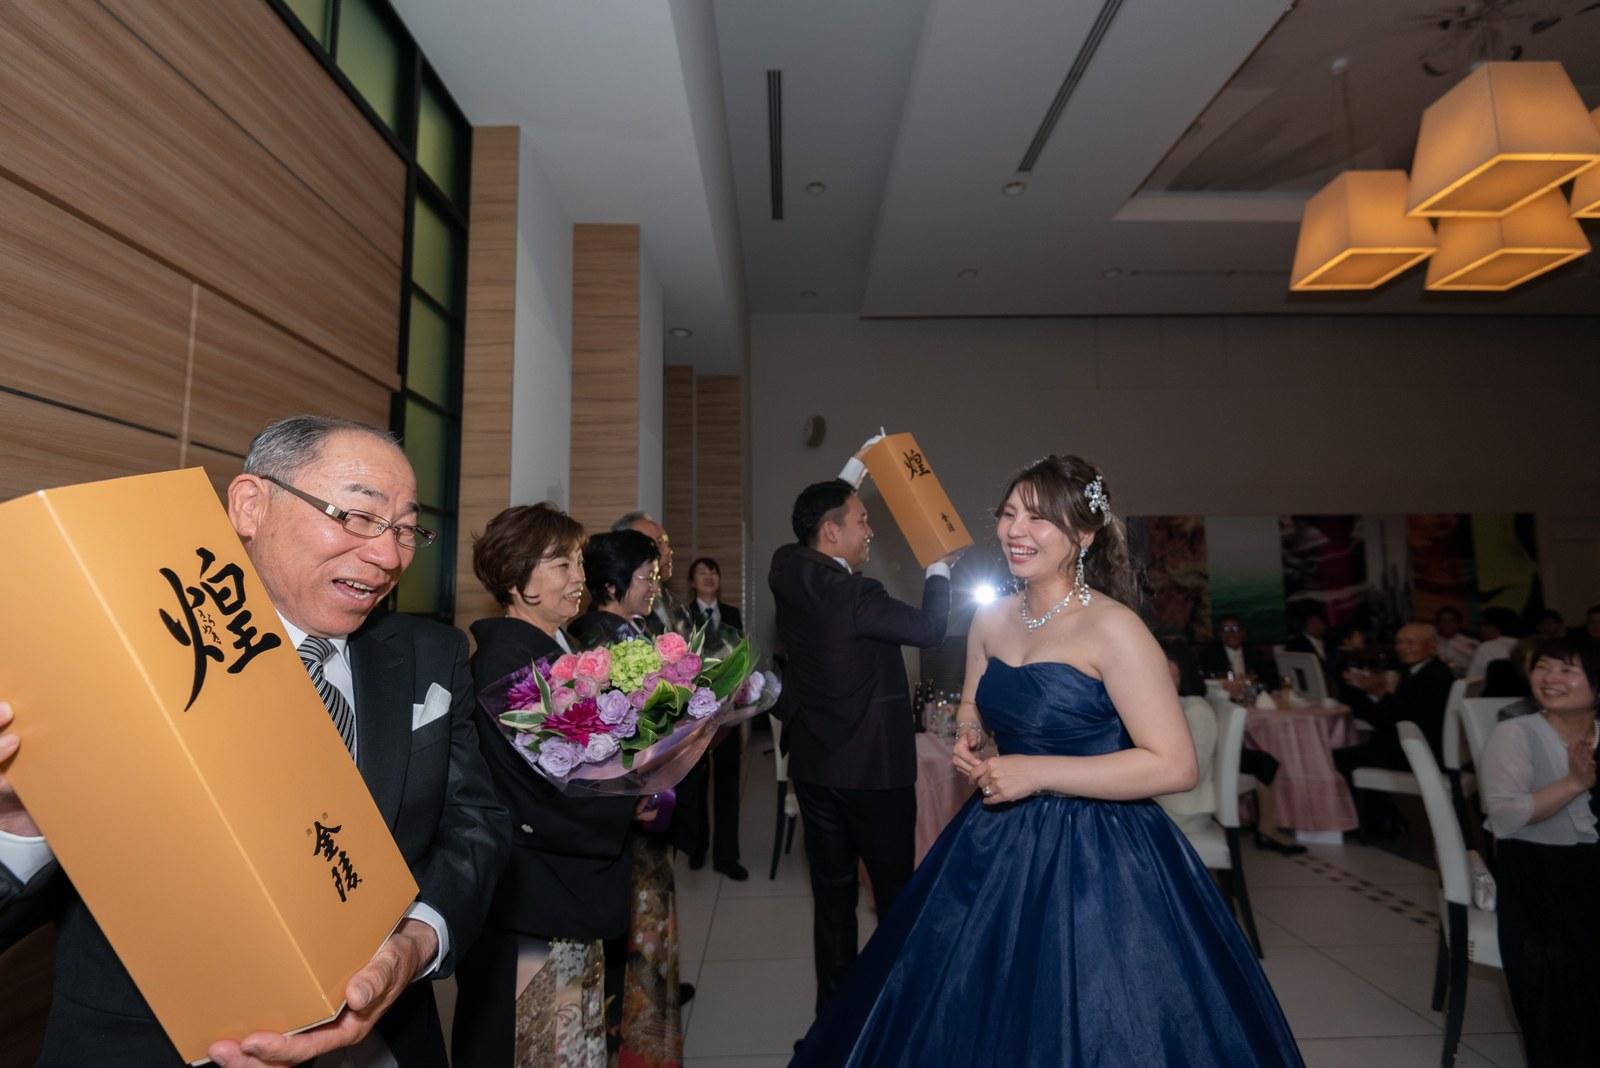 香川の結婚式場シェルエメール&アイスタイル 記念品贈呈